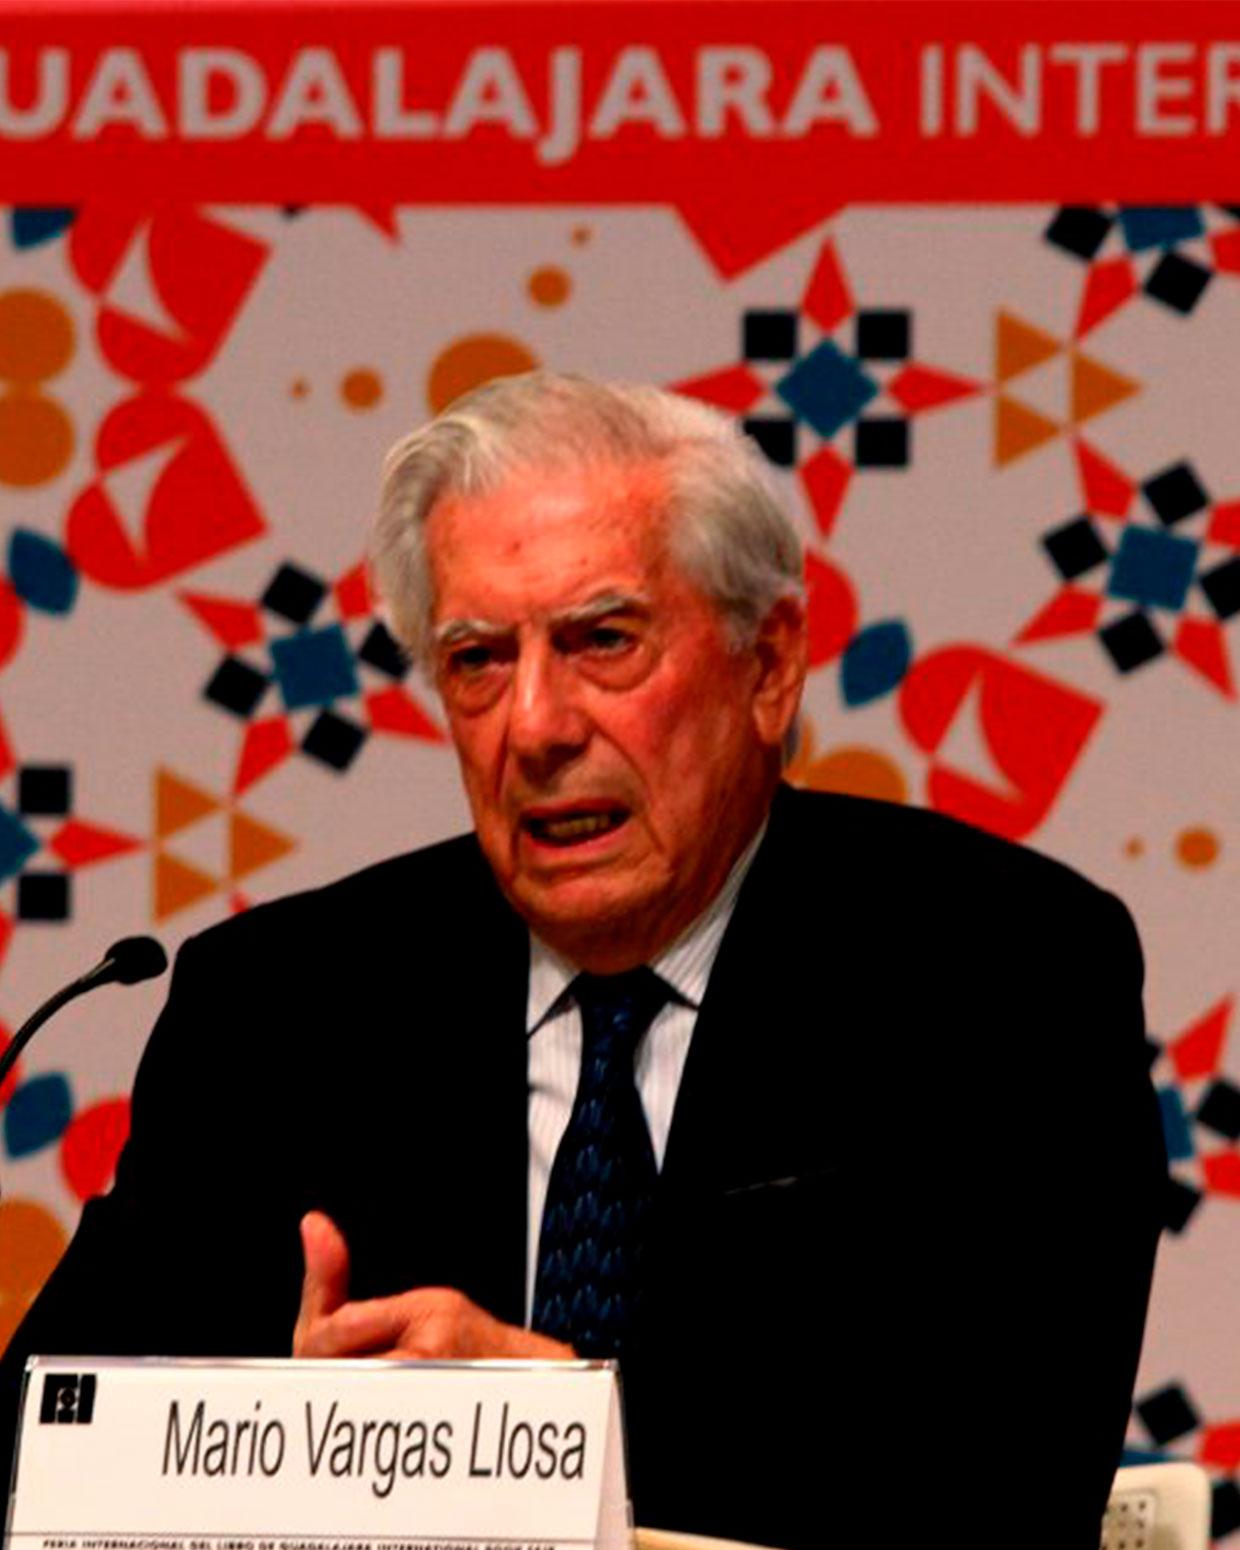 Mario Vargas Llosa en la inauguración de la 30ª Feria Internacional del Libro de Guadalajara, FIL. / FOTOGRAFÍAS DE WINSTON MANRIQUE